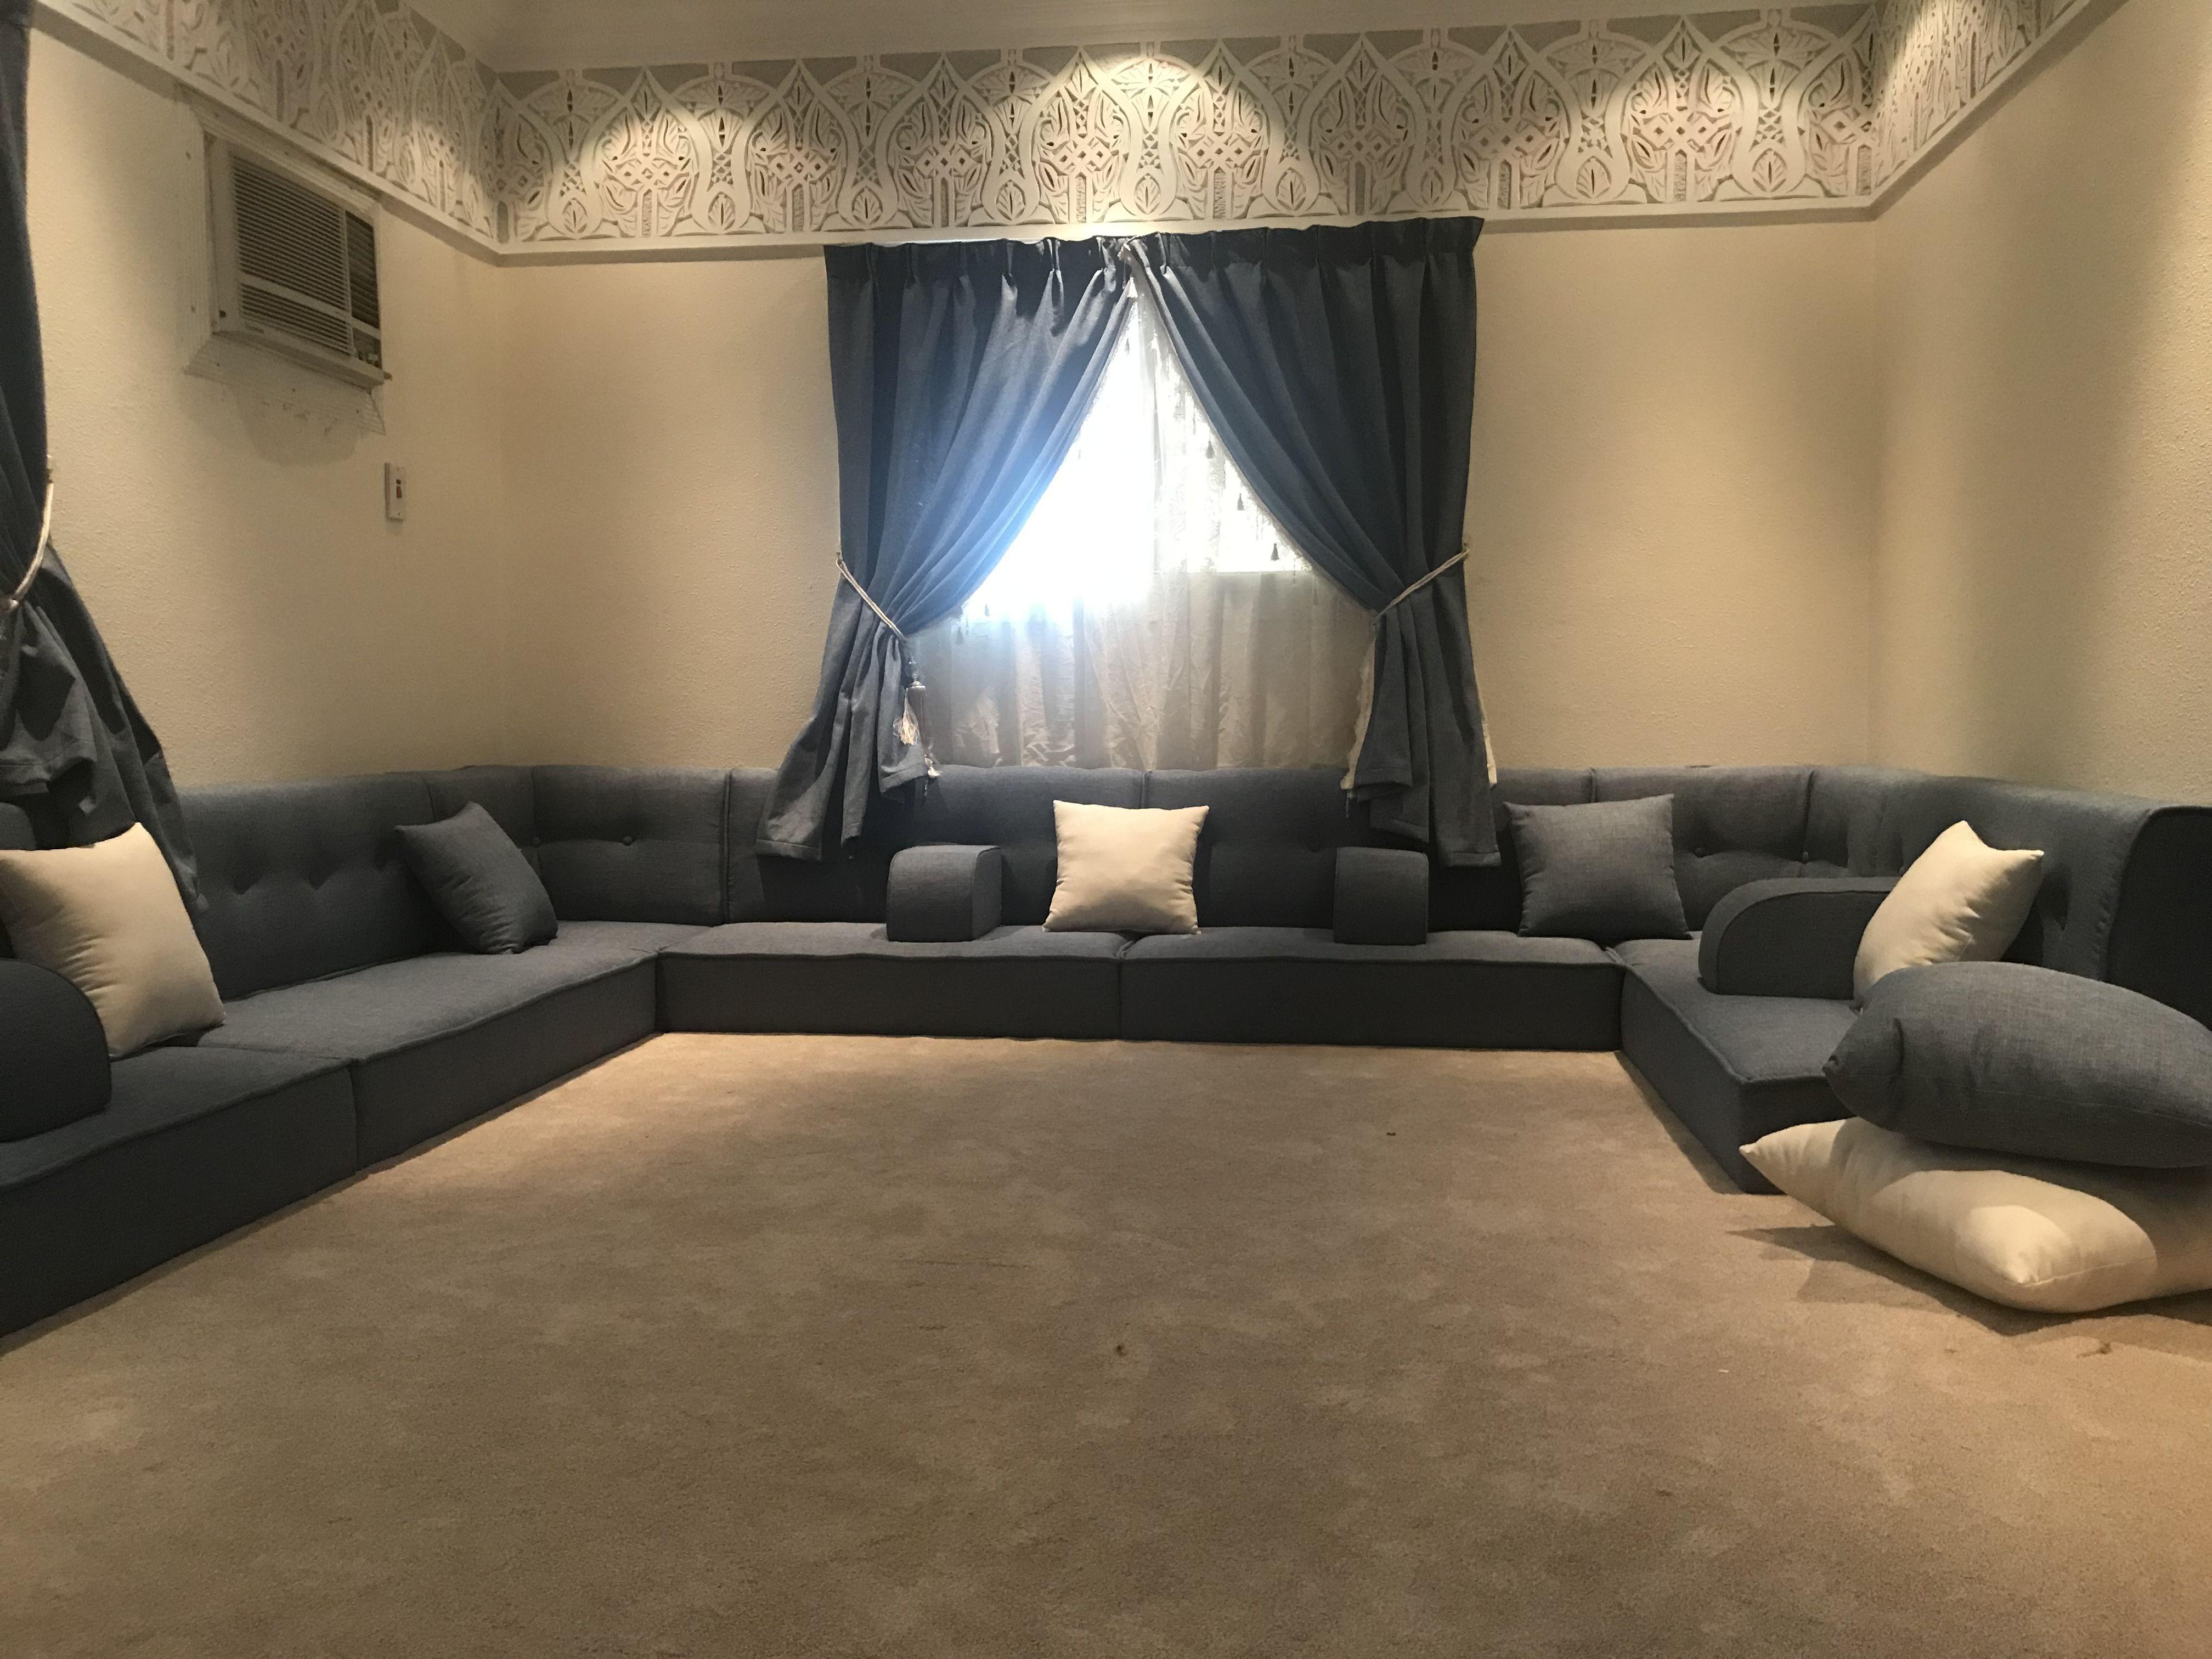 صور مساند ظهر Luxury Room Design Wrought Iron Decor Iron Decor